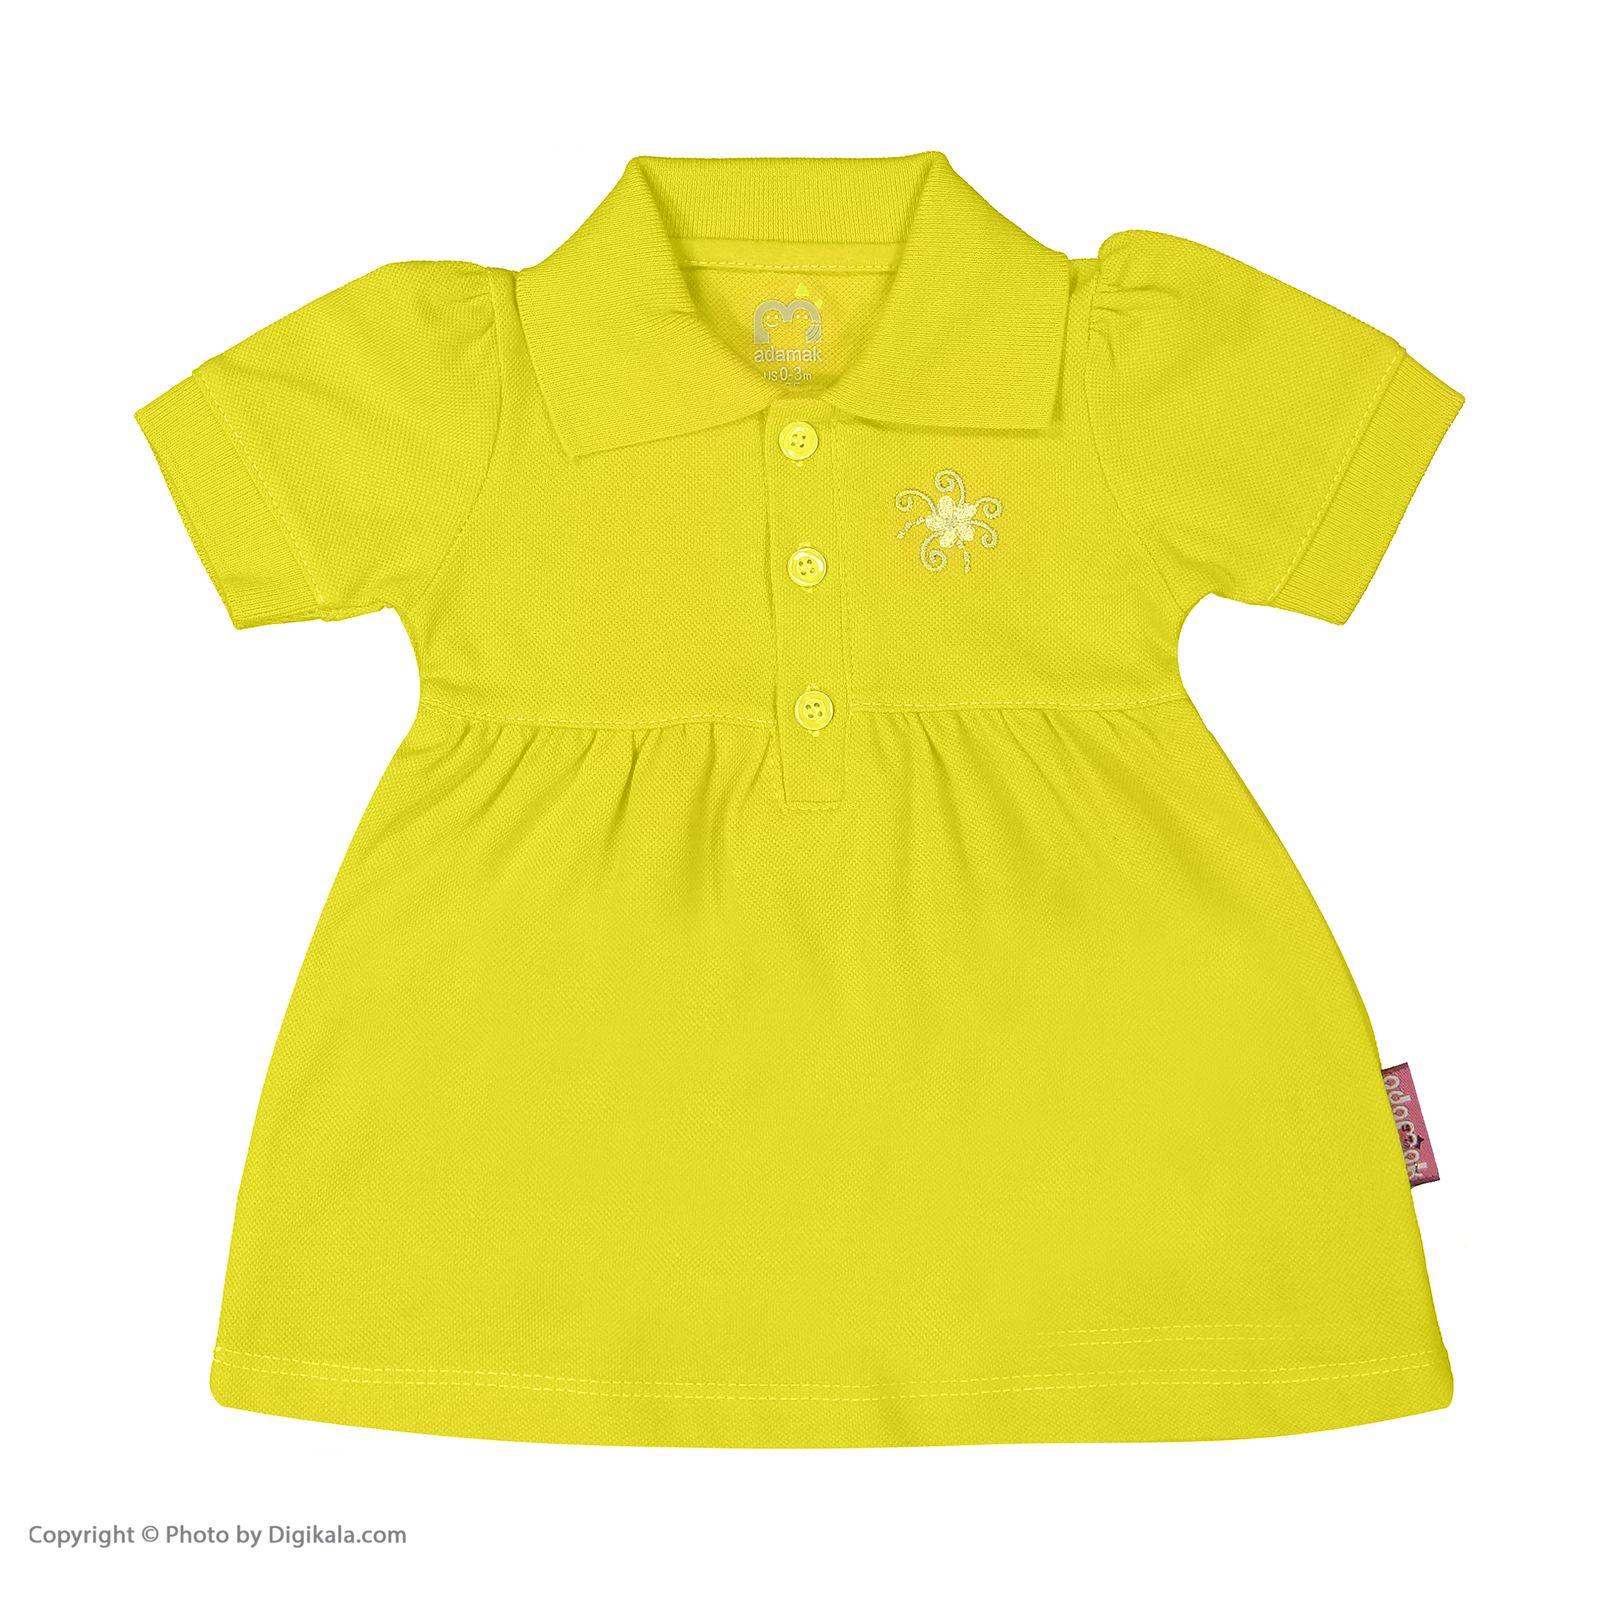 ست پیراهن و شلوارک نوزادی دخترانه آدمک مدل 2171109-19 -  - 4